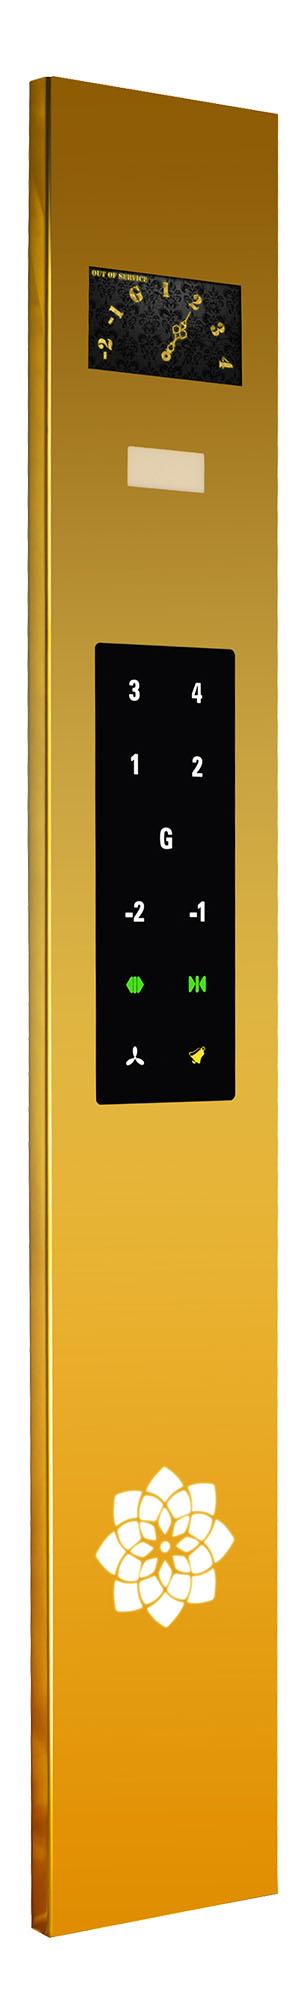 پنل شستی دو متری روکار داخل کابین آسانسور با نمایشگر کلاسیک رنگی 9 اینچ عقربه ای مجهز به کلید های تاچ خازنی (لمسی) - سری ROSA TOUCH - شرکت نوین کیا تک